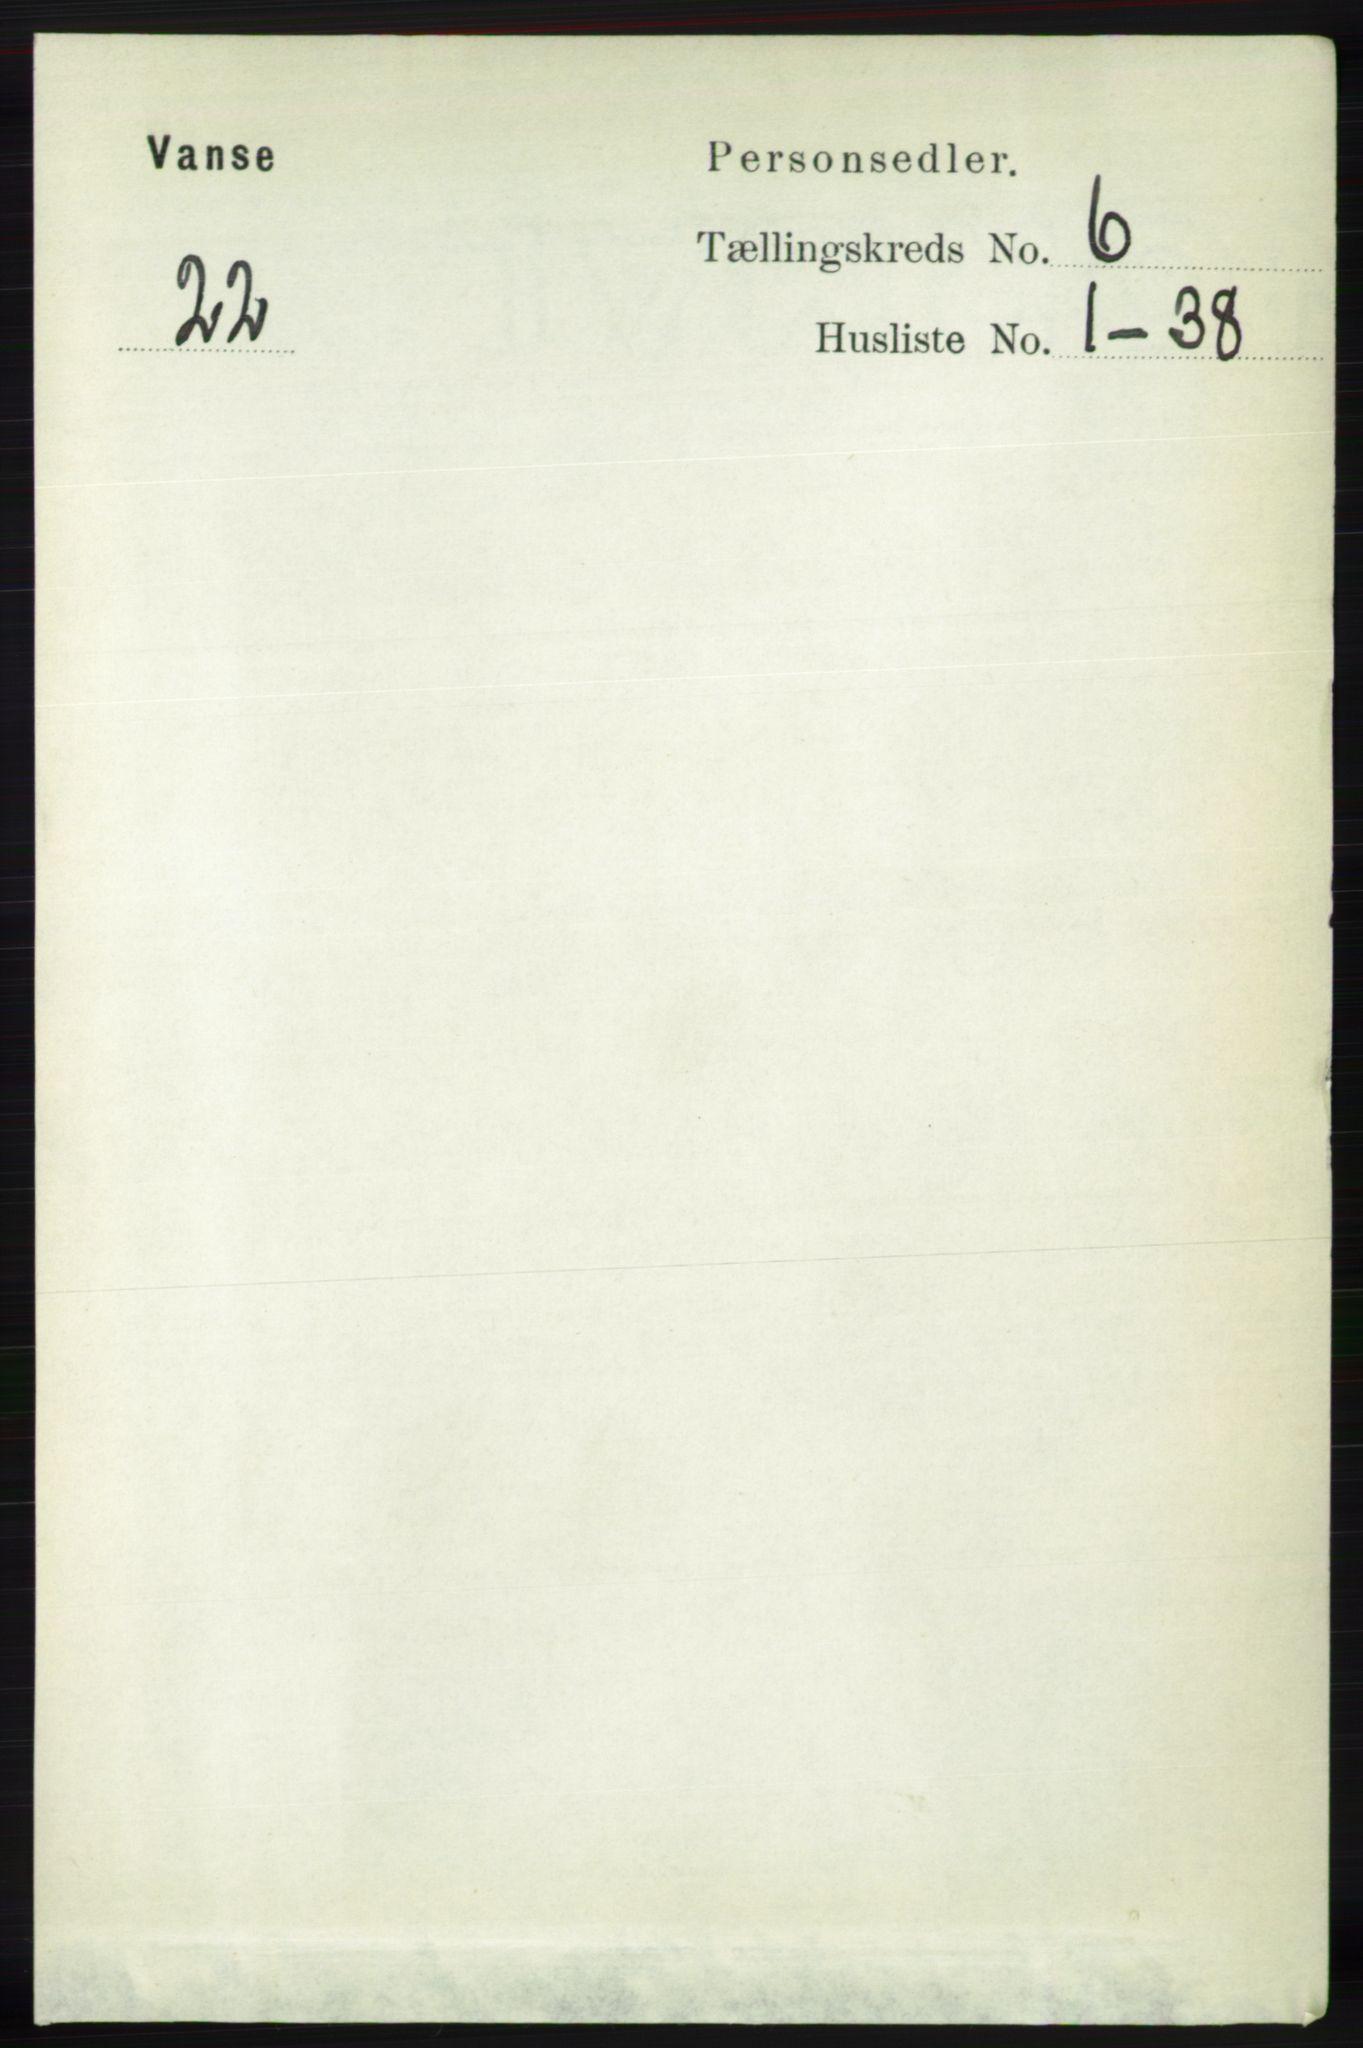 RA, Folketelling 1891 for 1041 Vanse herred, 1891, s. 3494